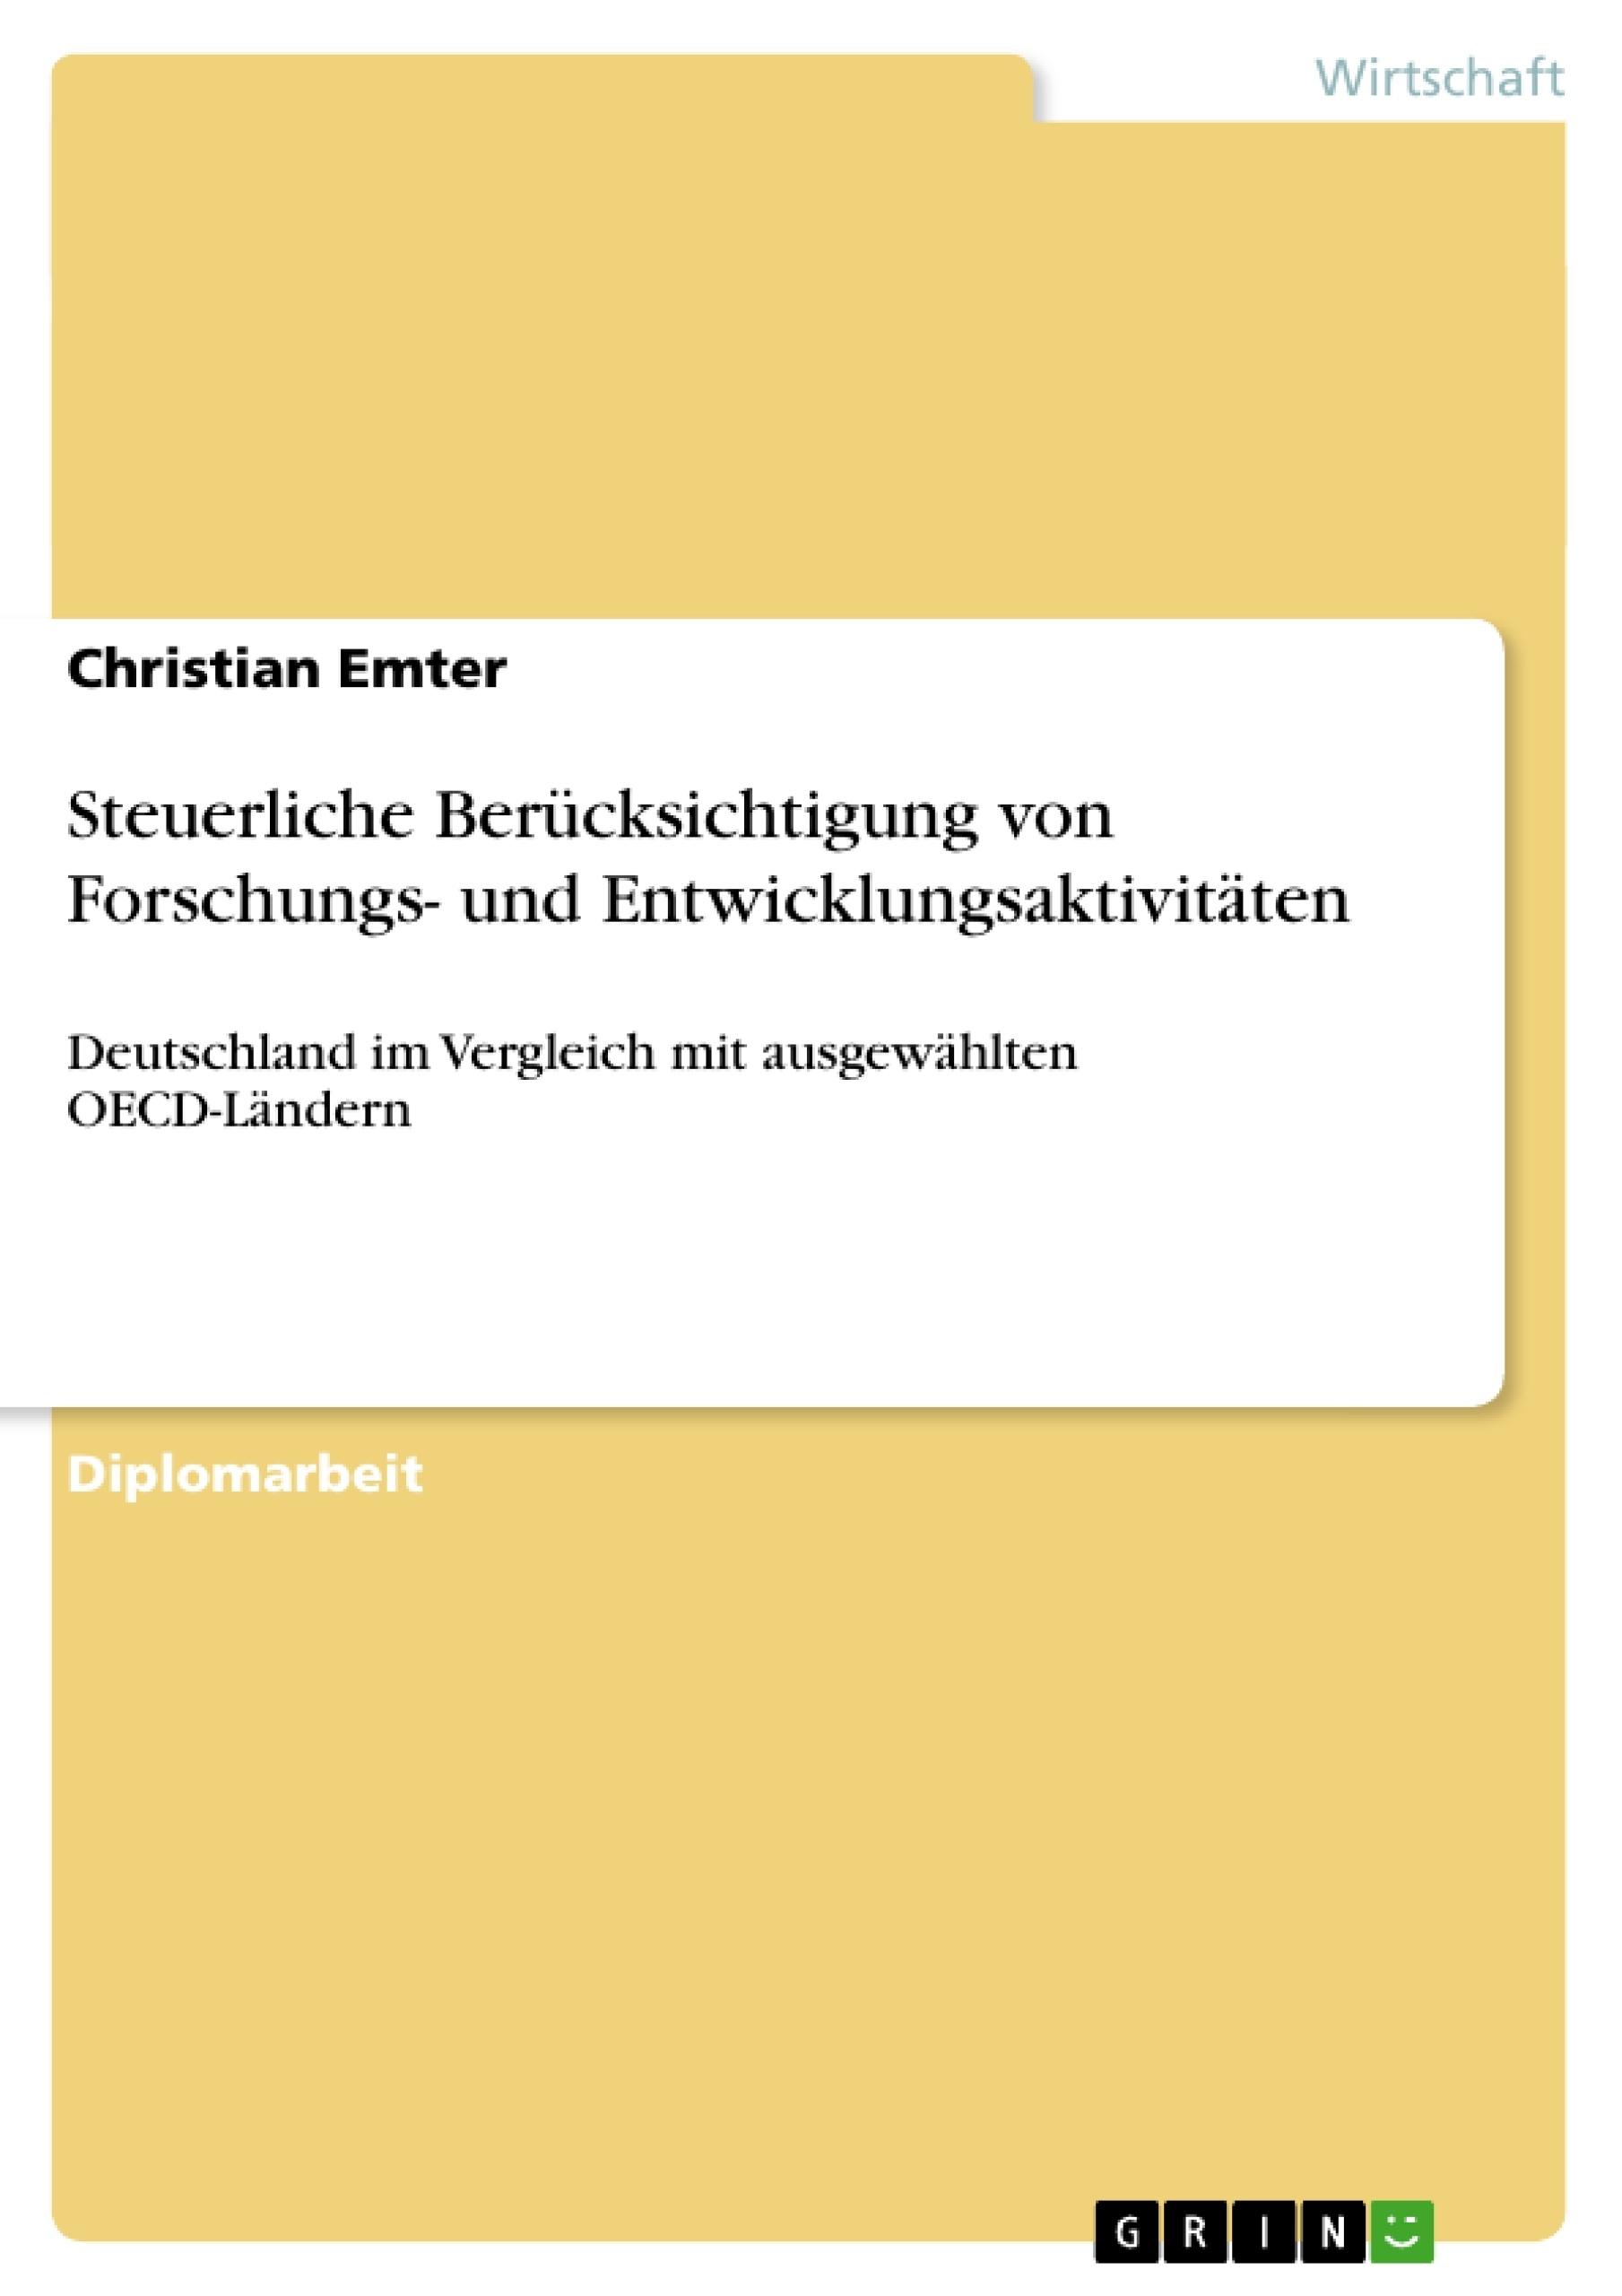 Titel: Steuerliche Berücksichtigung von Forschungs- und Entwicklungsaktivitäten